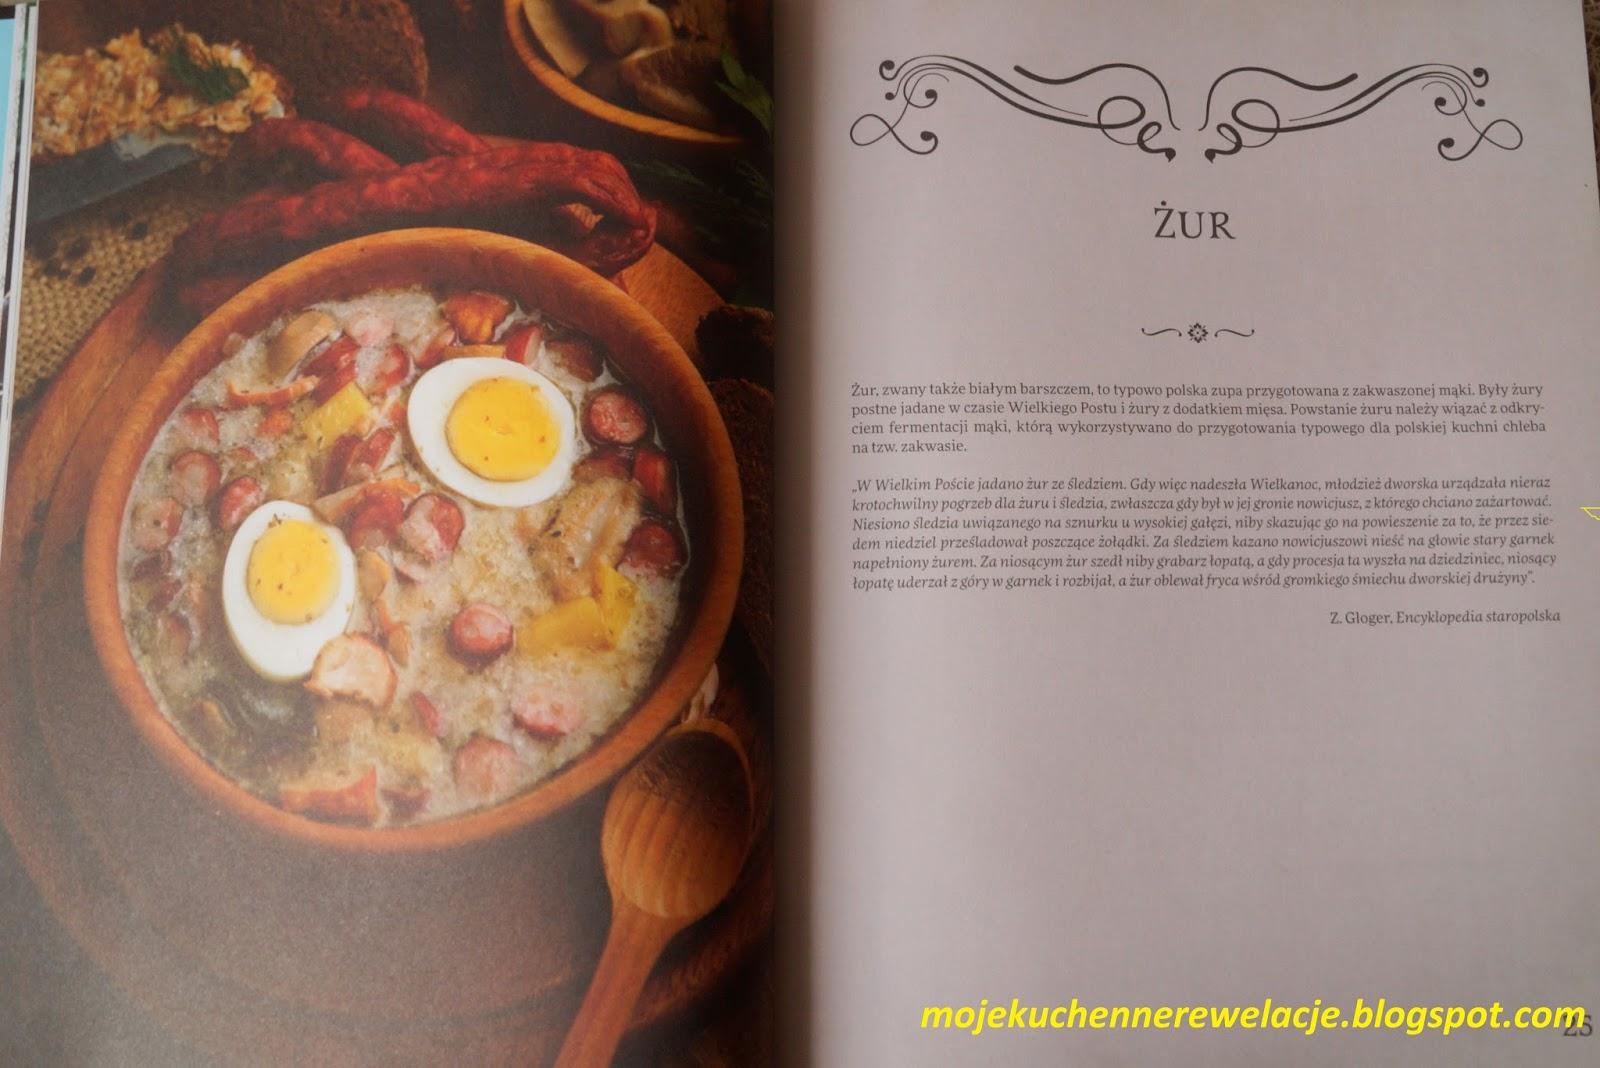 Moje Kuchenne Rewelacje Kuchnia Staropolska Recenzja I Konkurs